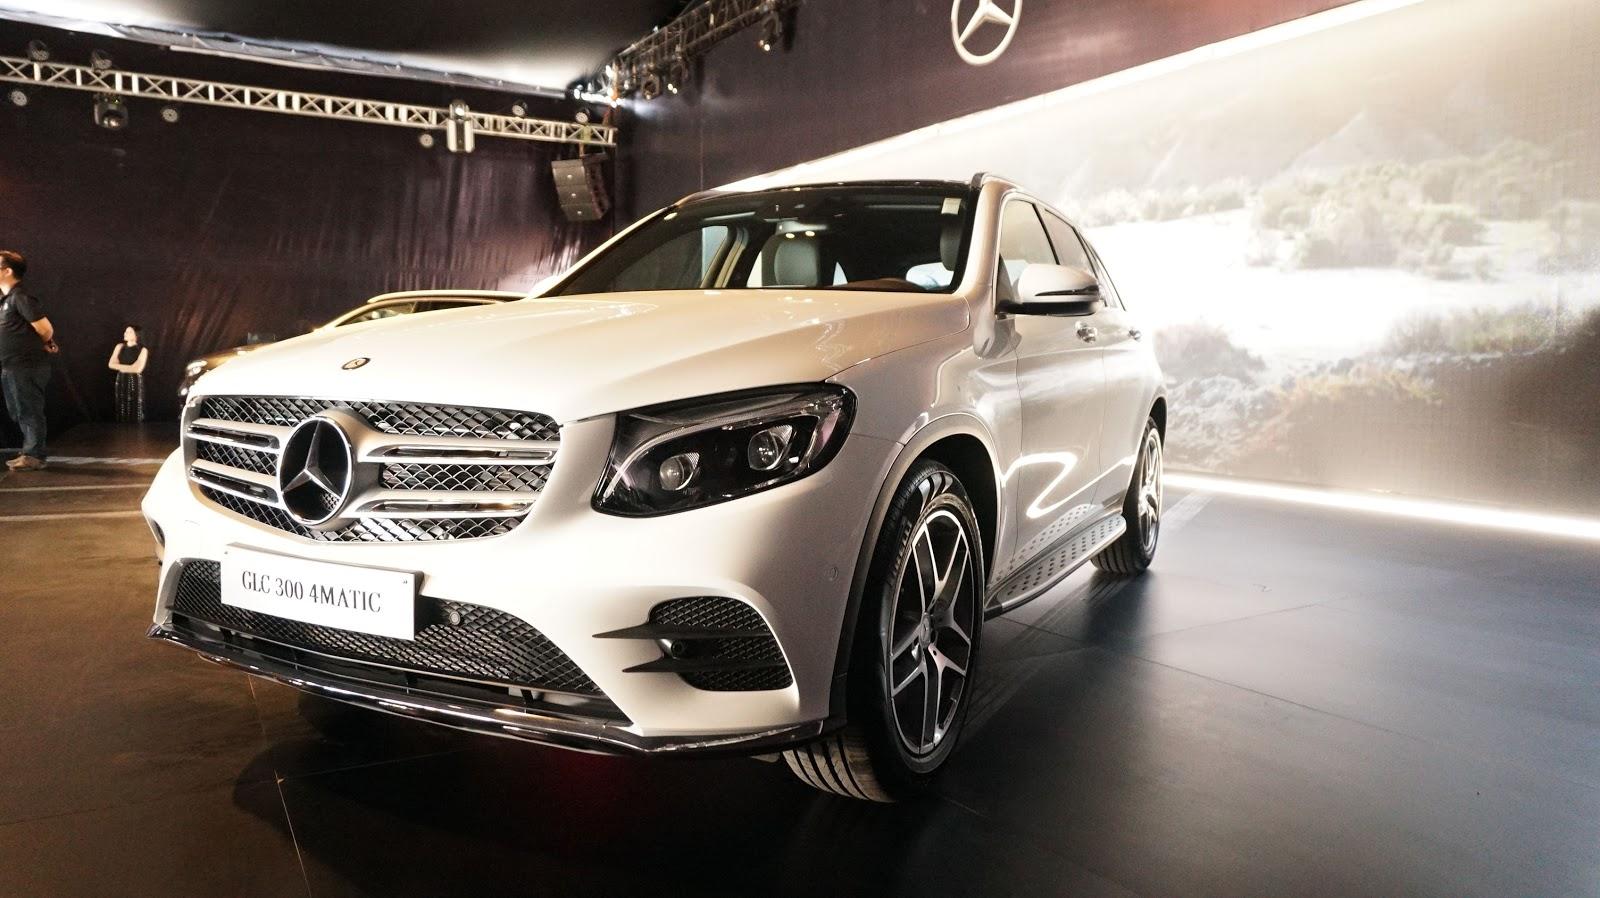 Hầm hố và mạnh mẽ với Mercedes Benz GLC 300 2016, nhiều tùy chọn, chế độ lái tuyệt vời